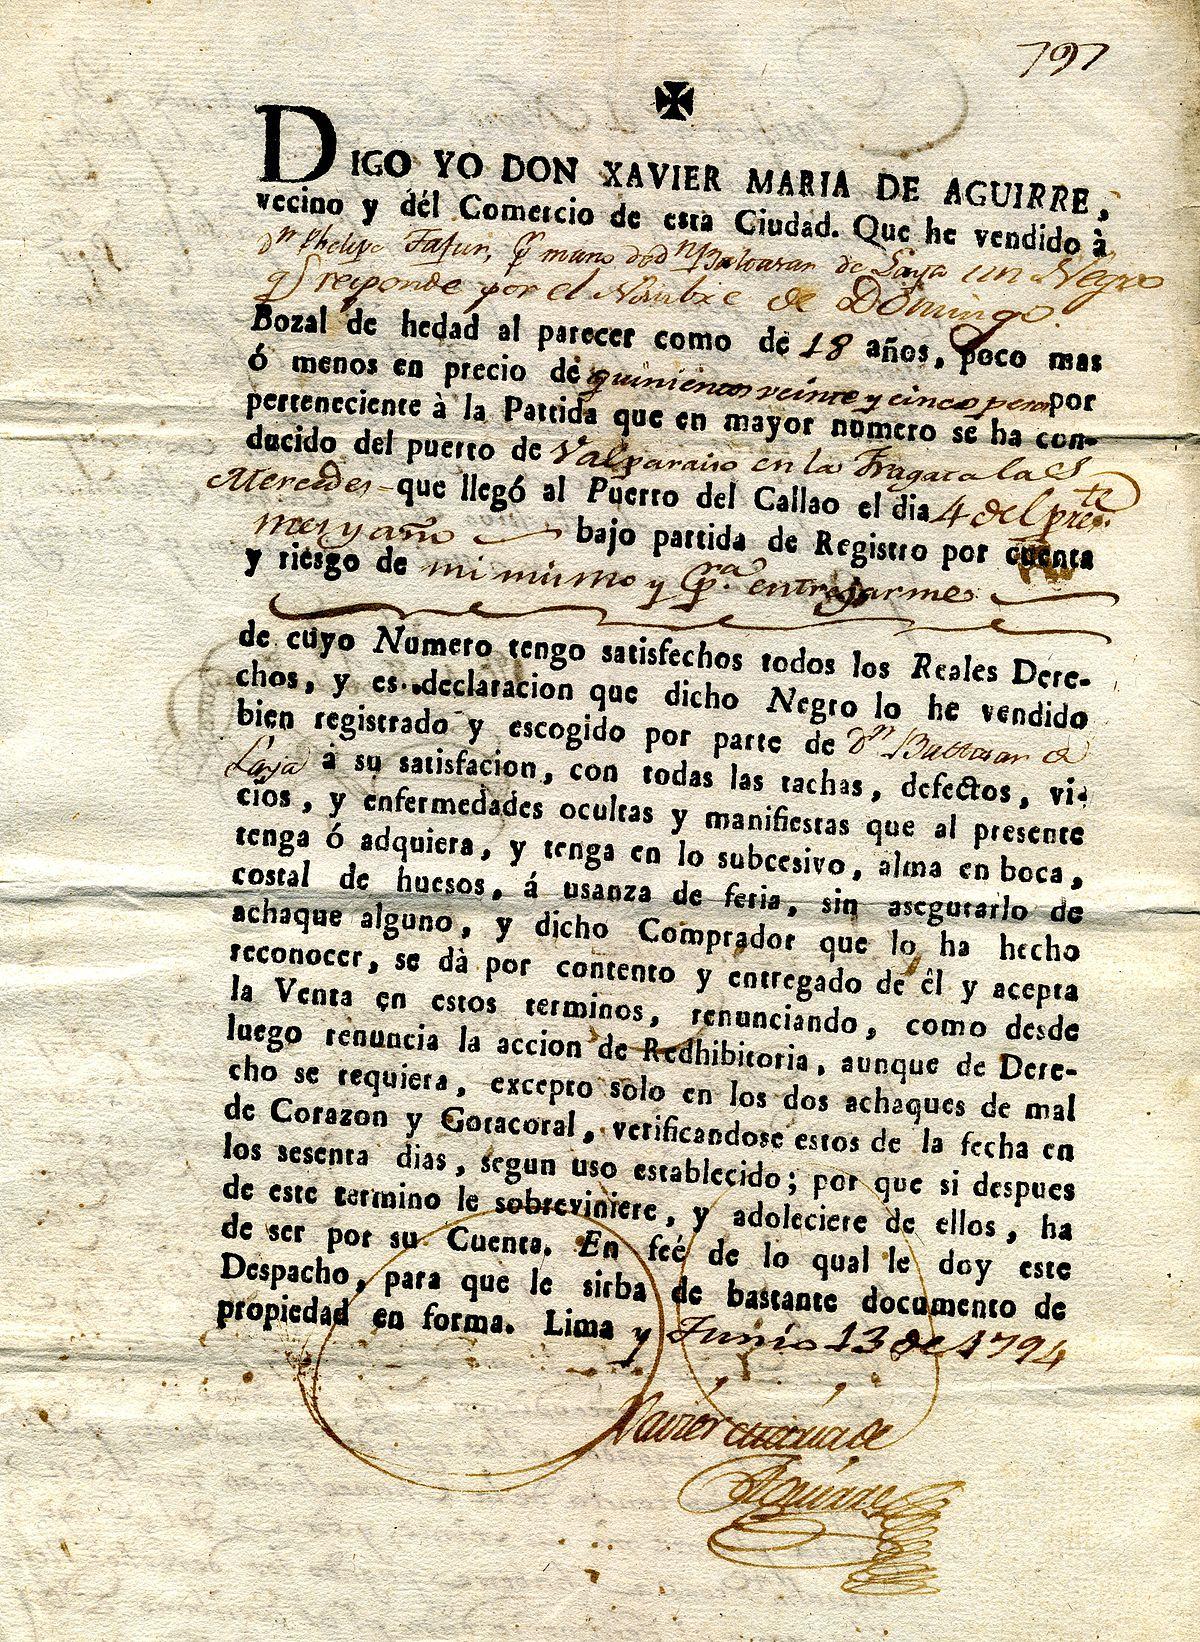 Relaciones interraciales entre esclavos y propietarios de esclavos